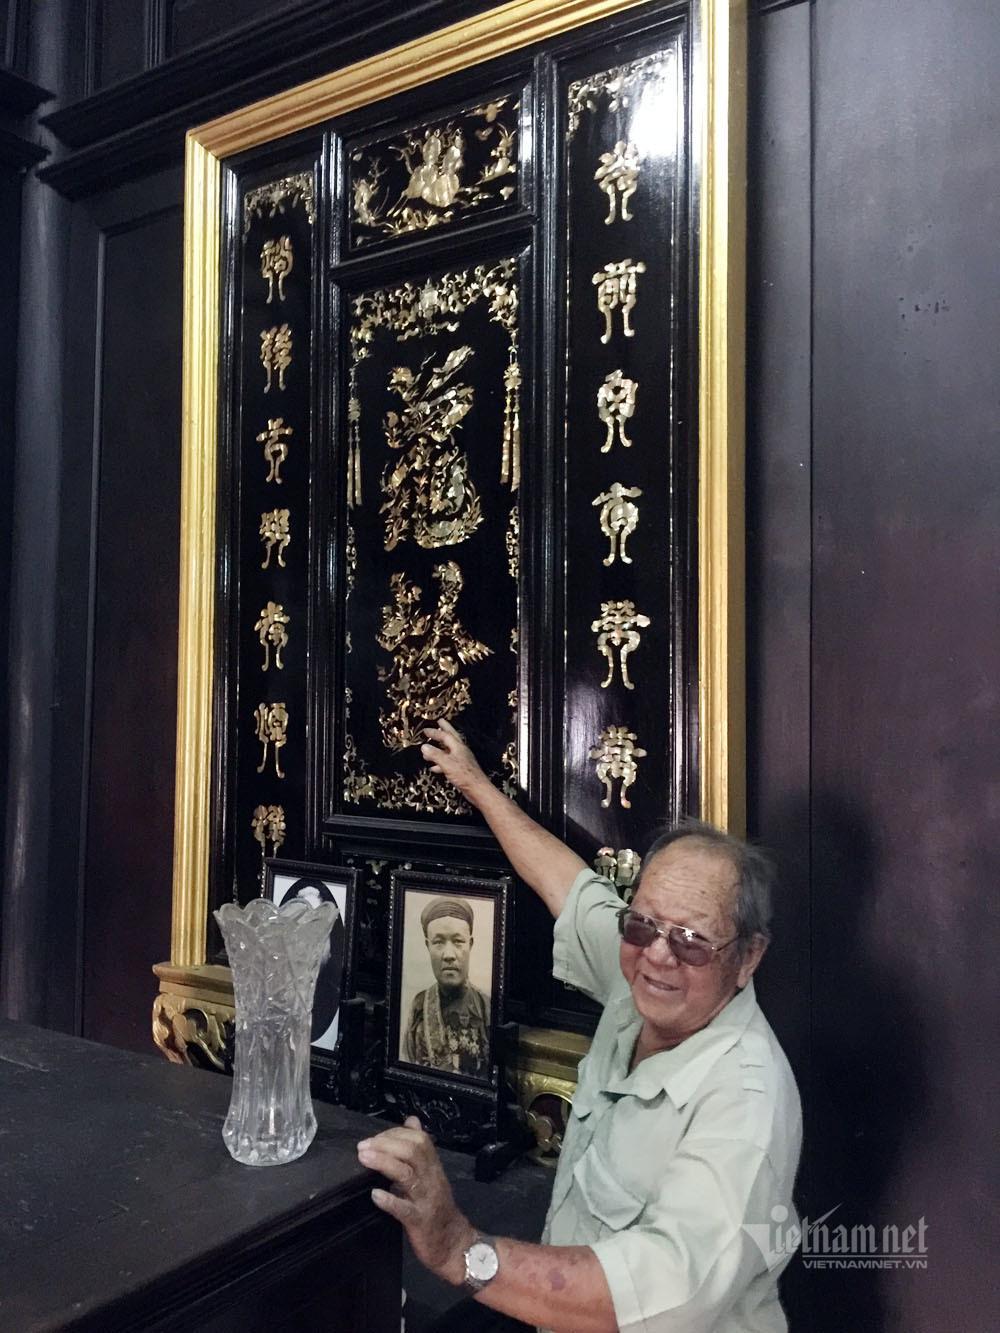 Ngôi nhà toàn gỗ quý của ông chủ giàu có ở Bình Dương